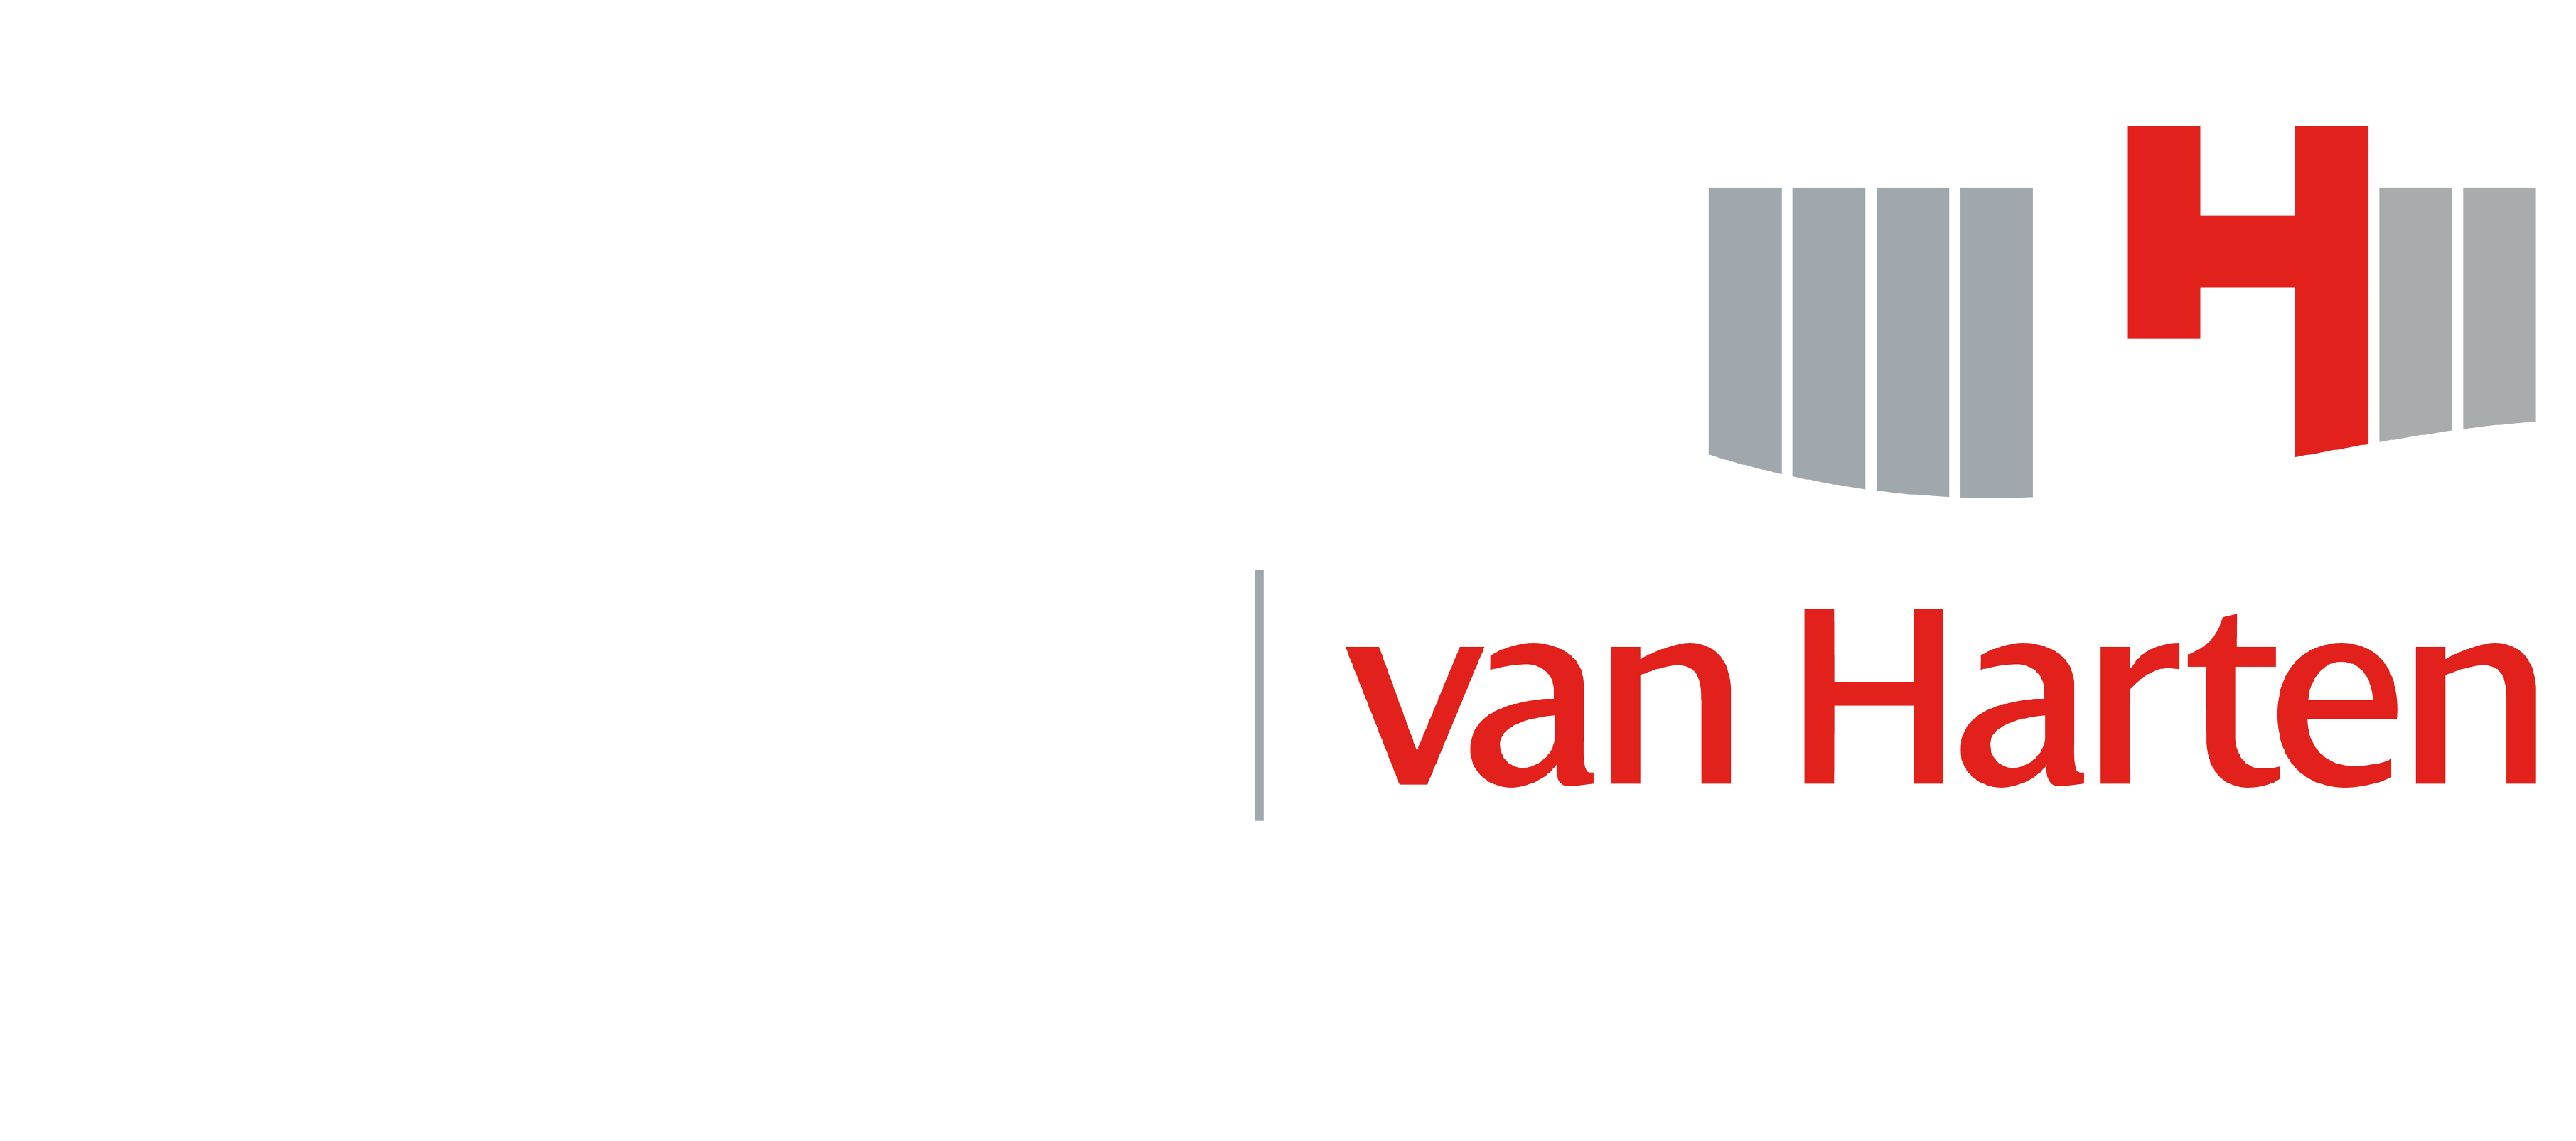 Hardeman | van Harten